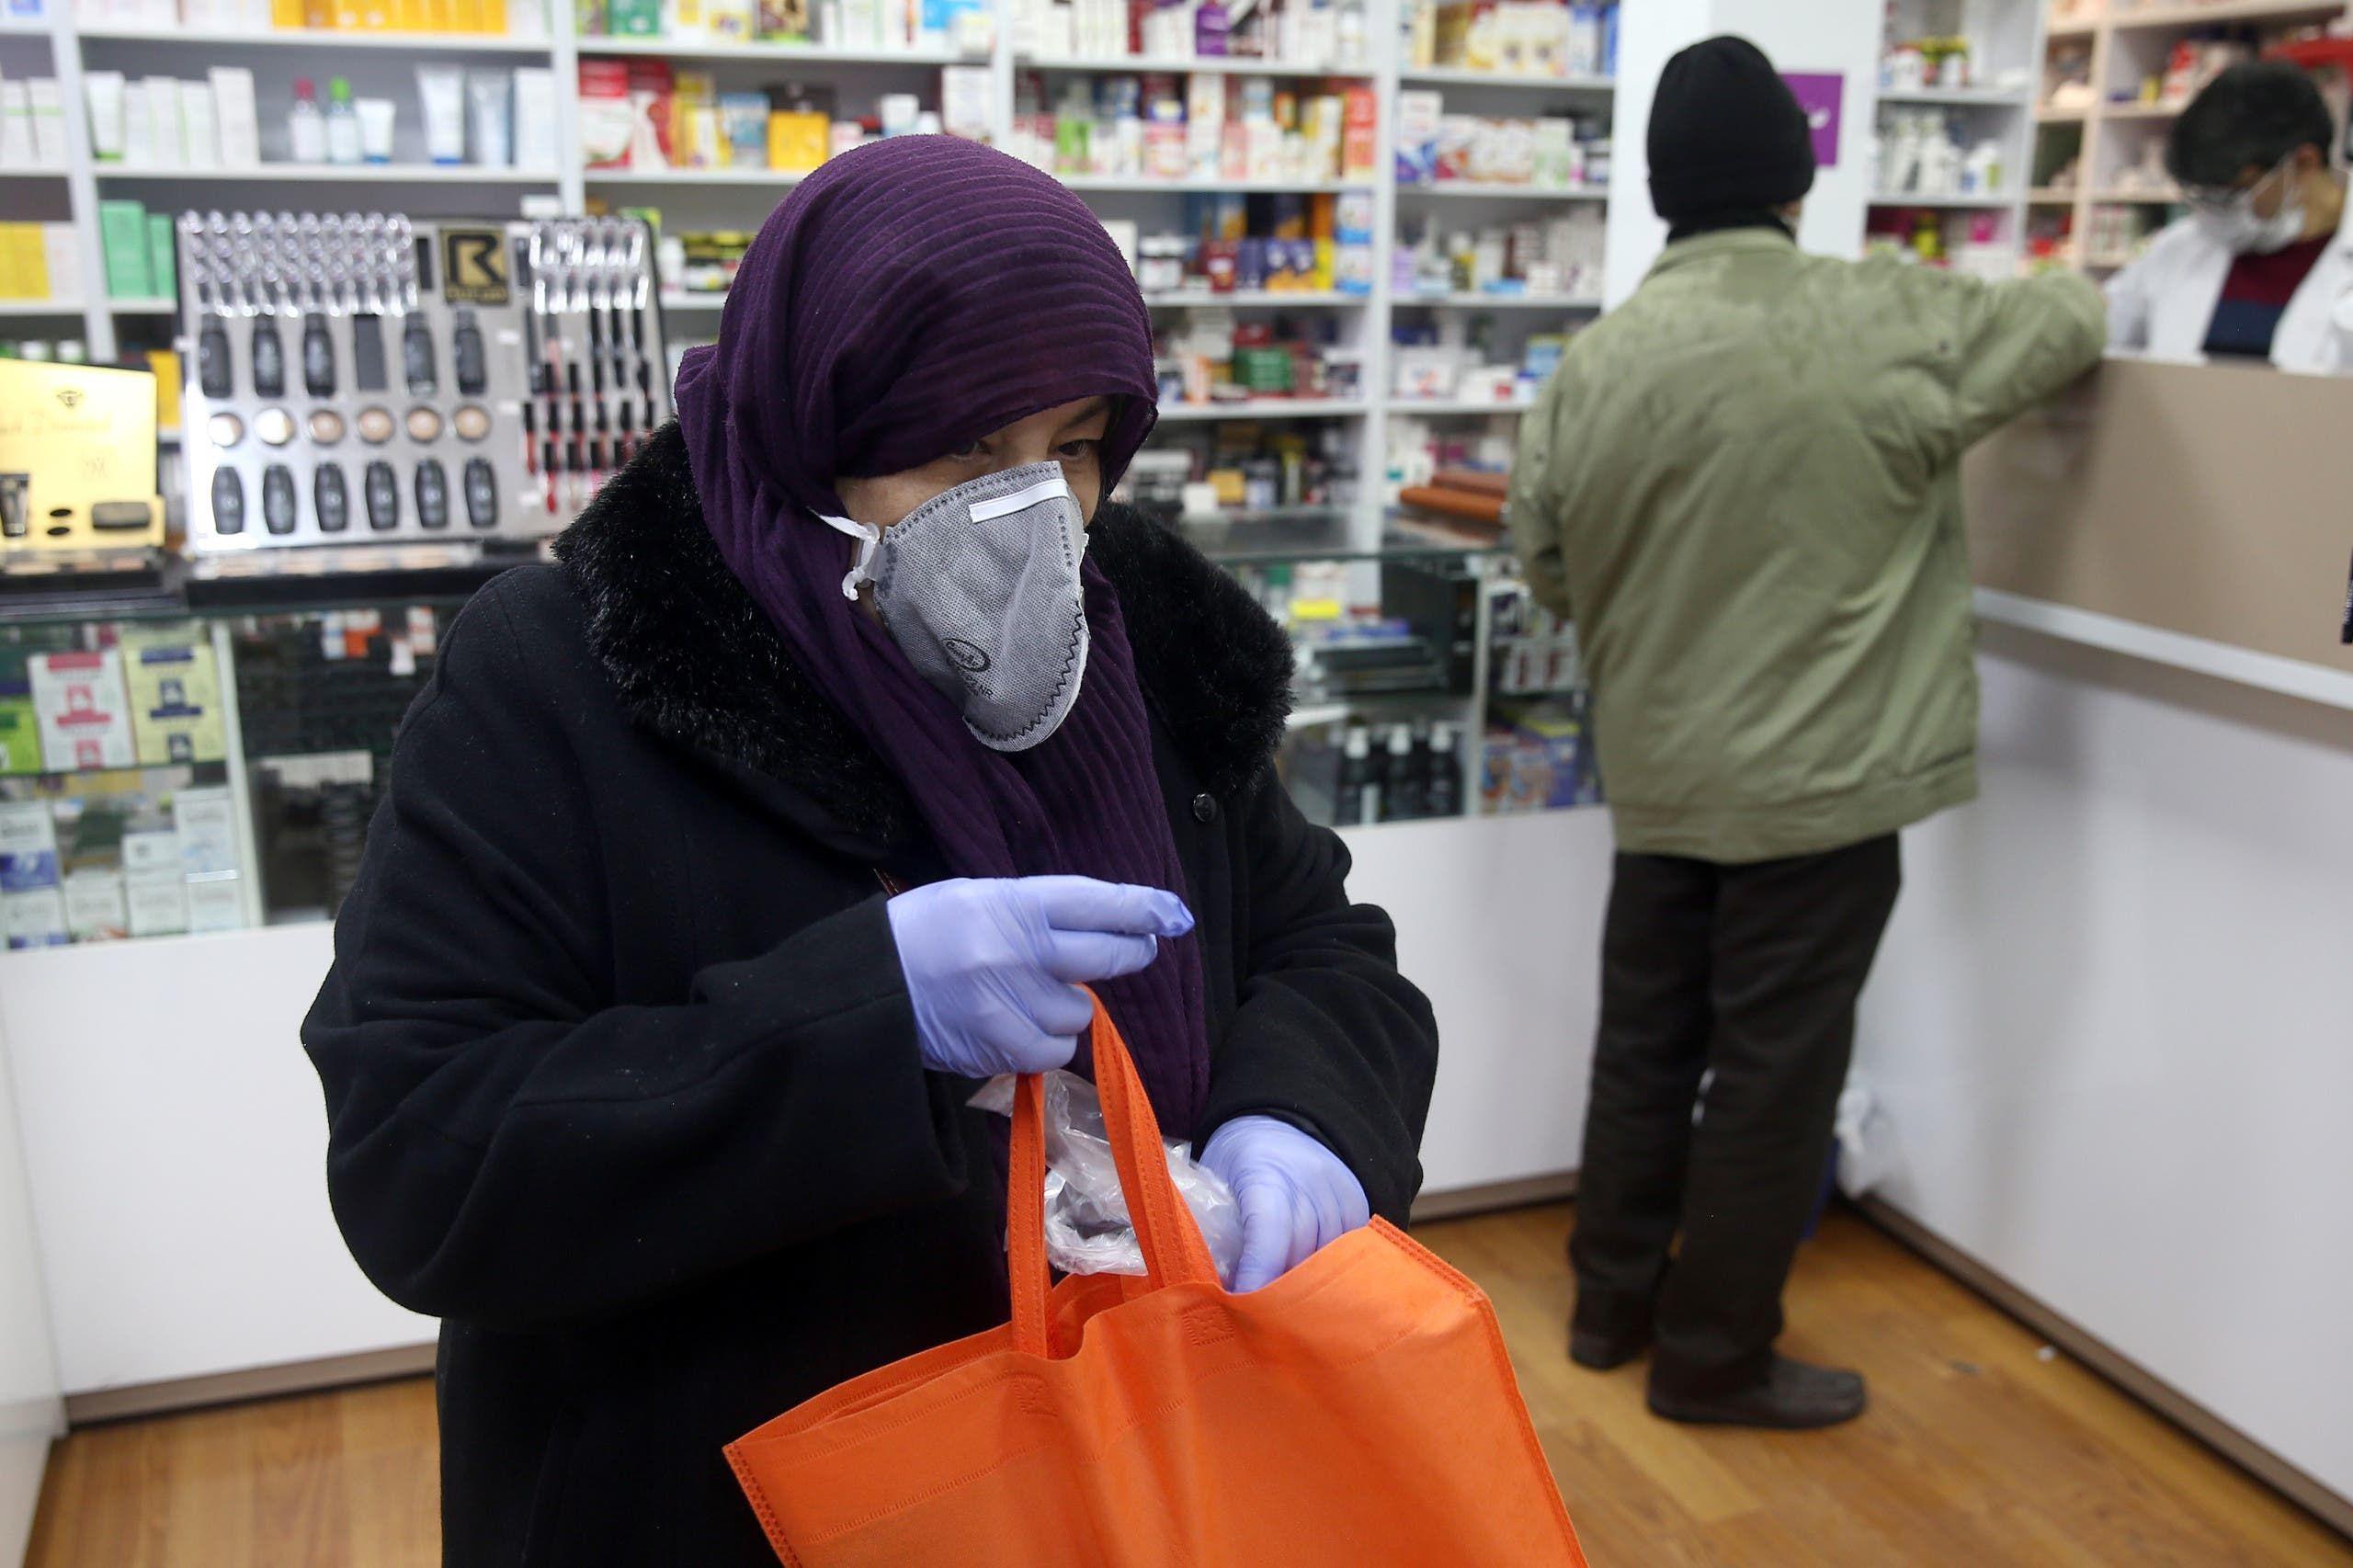 إيرانية ترتدي كمامة وفاذات طبية في صيدلية في طهران خشية من كورونا